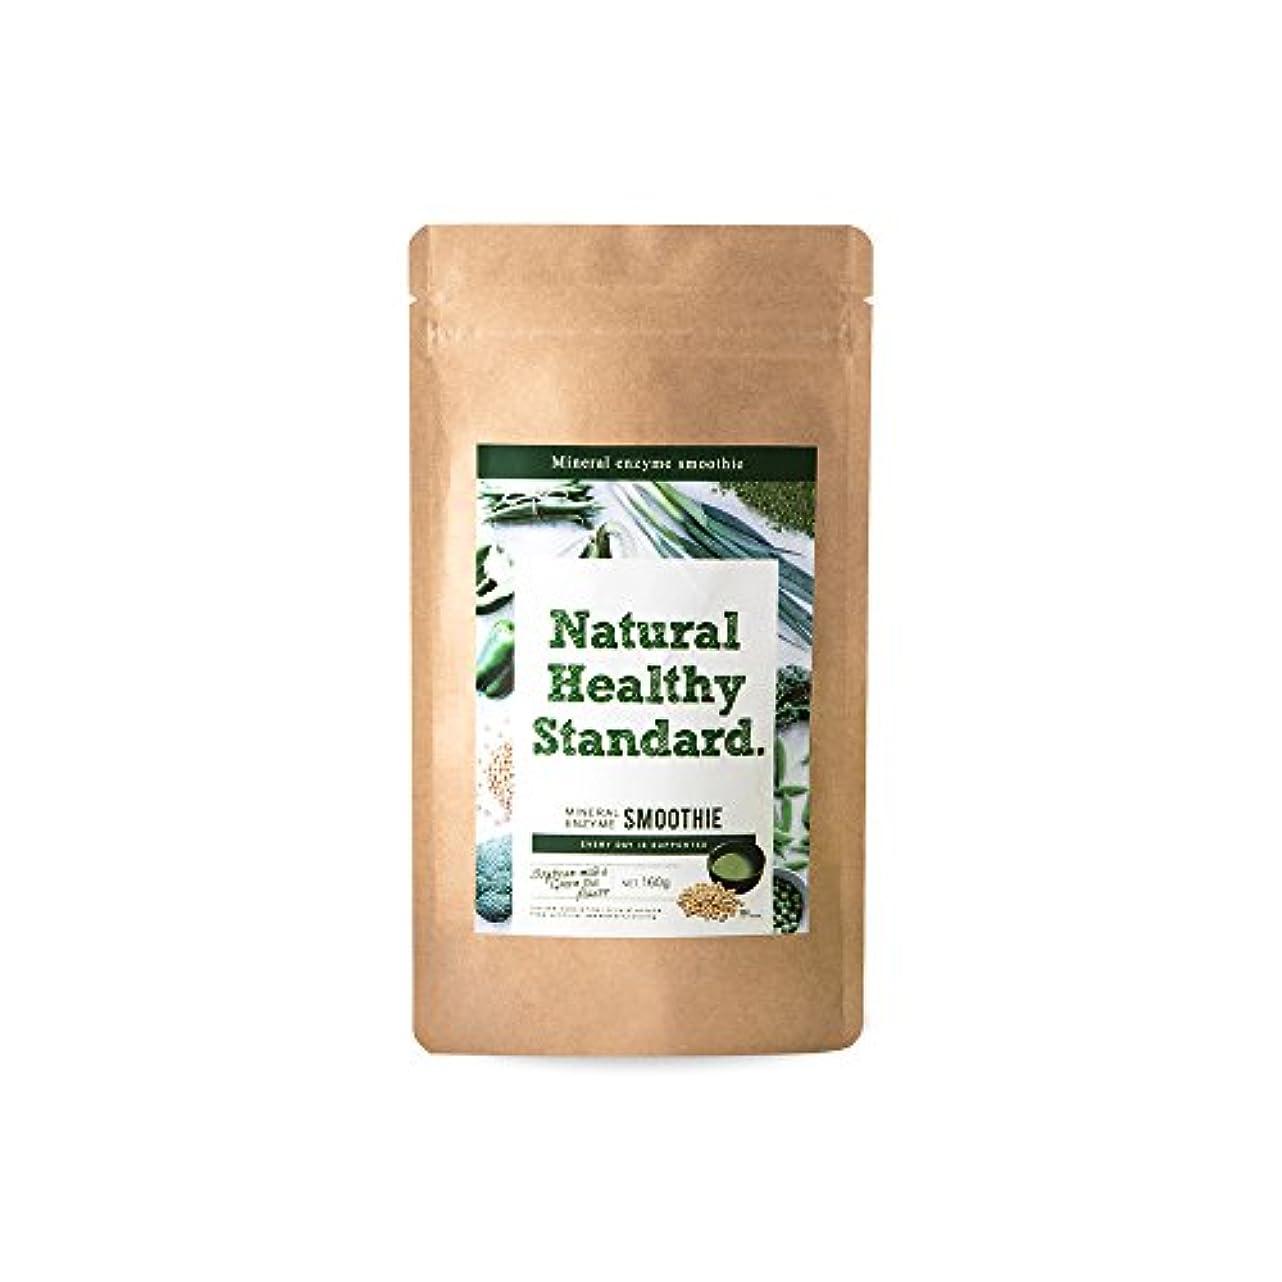 反対するリビジョン全くNaturalHealthyStandard(ナチュラルヘルシースタンダード) ミネラル酵素グリーンスムージー 豆乳抹茶味 160g